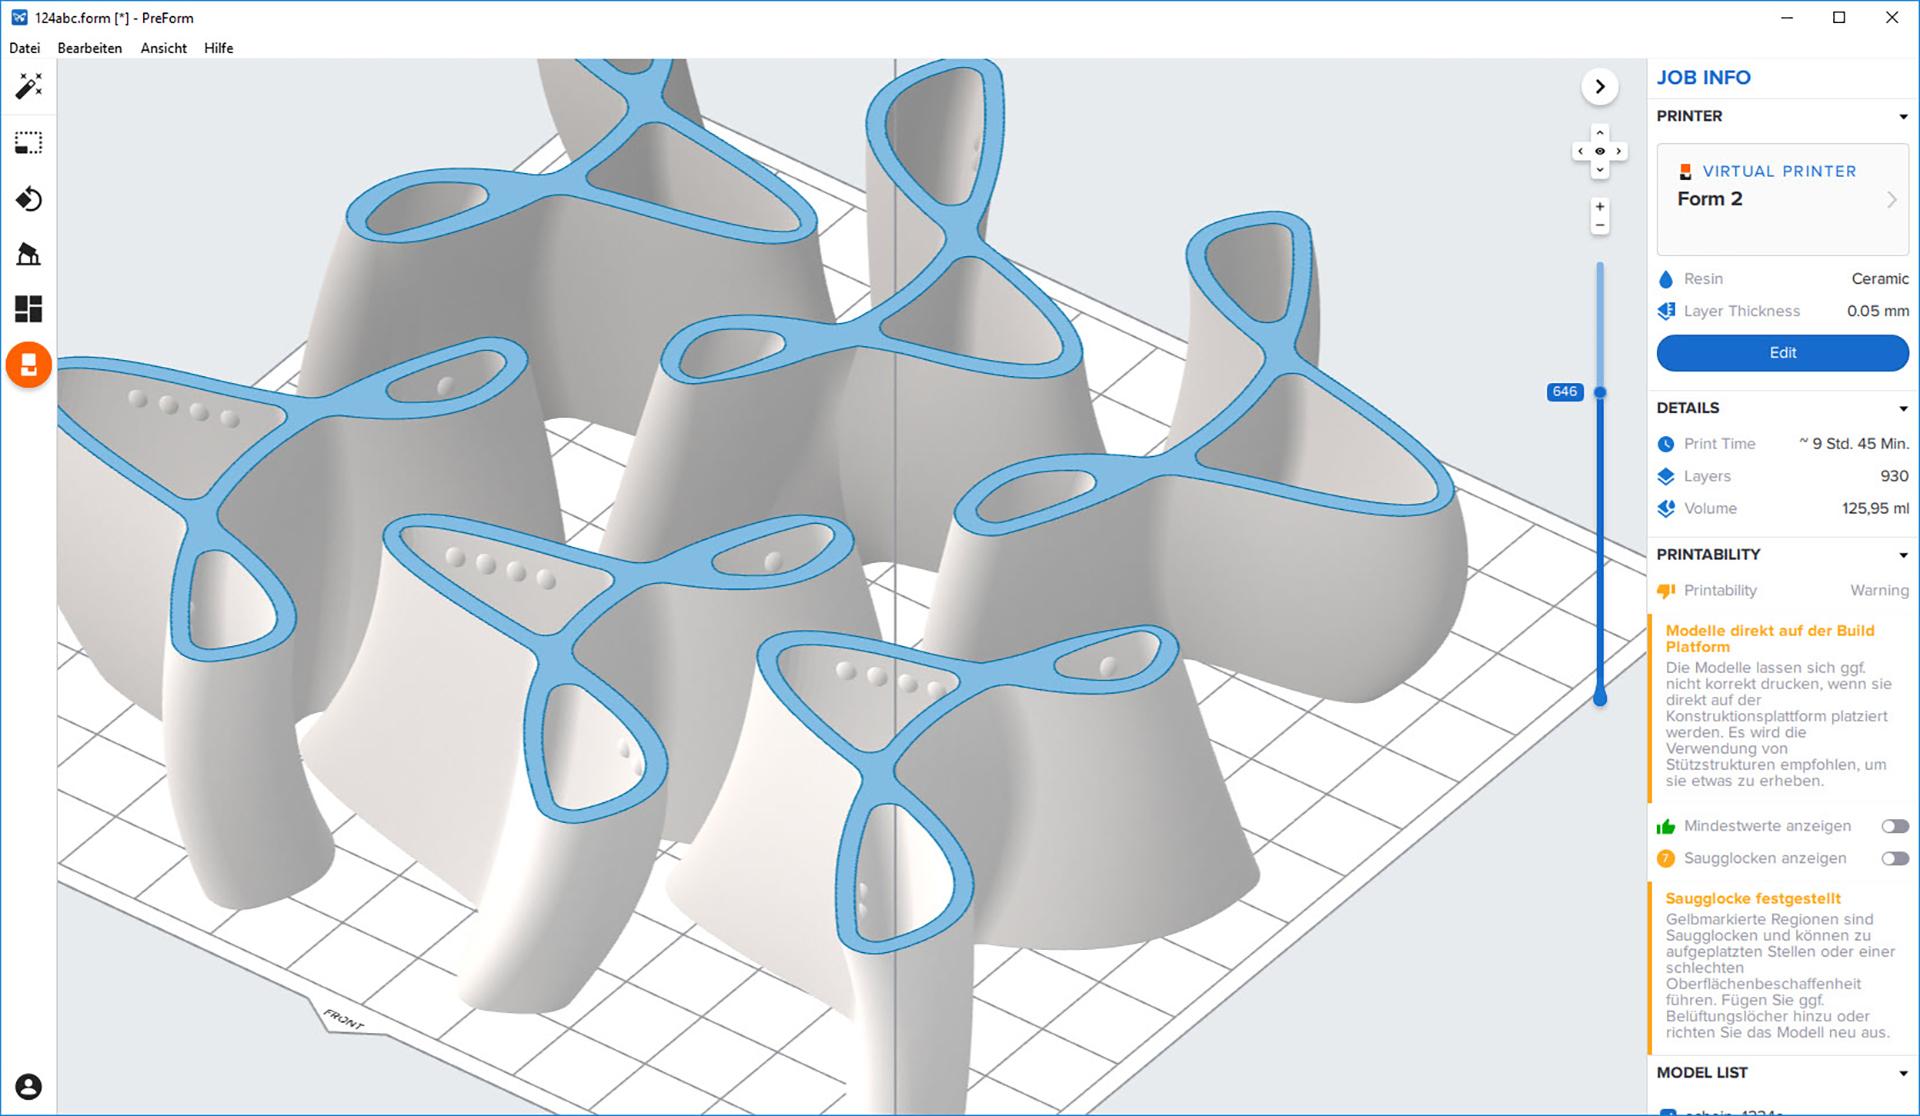 Ansicht des PreForm - Druckertreibers der Formlabs Drucker mit den Trischnaps-Formen